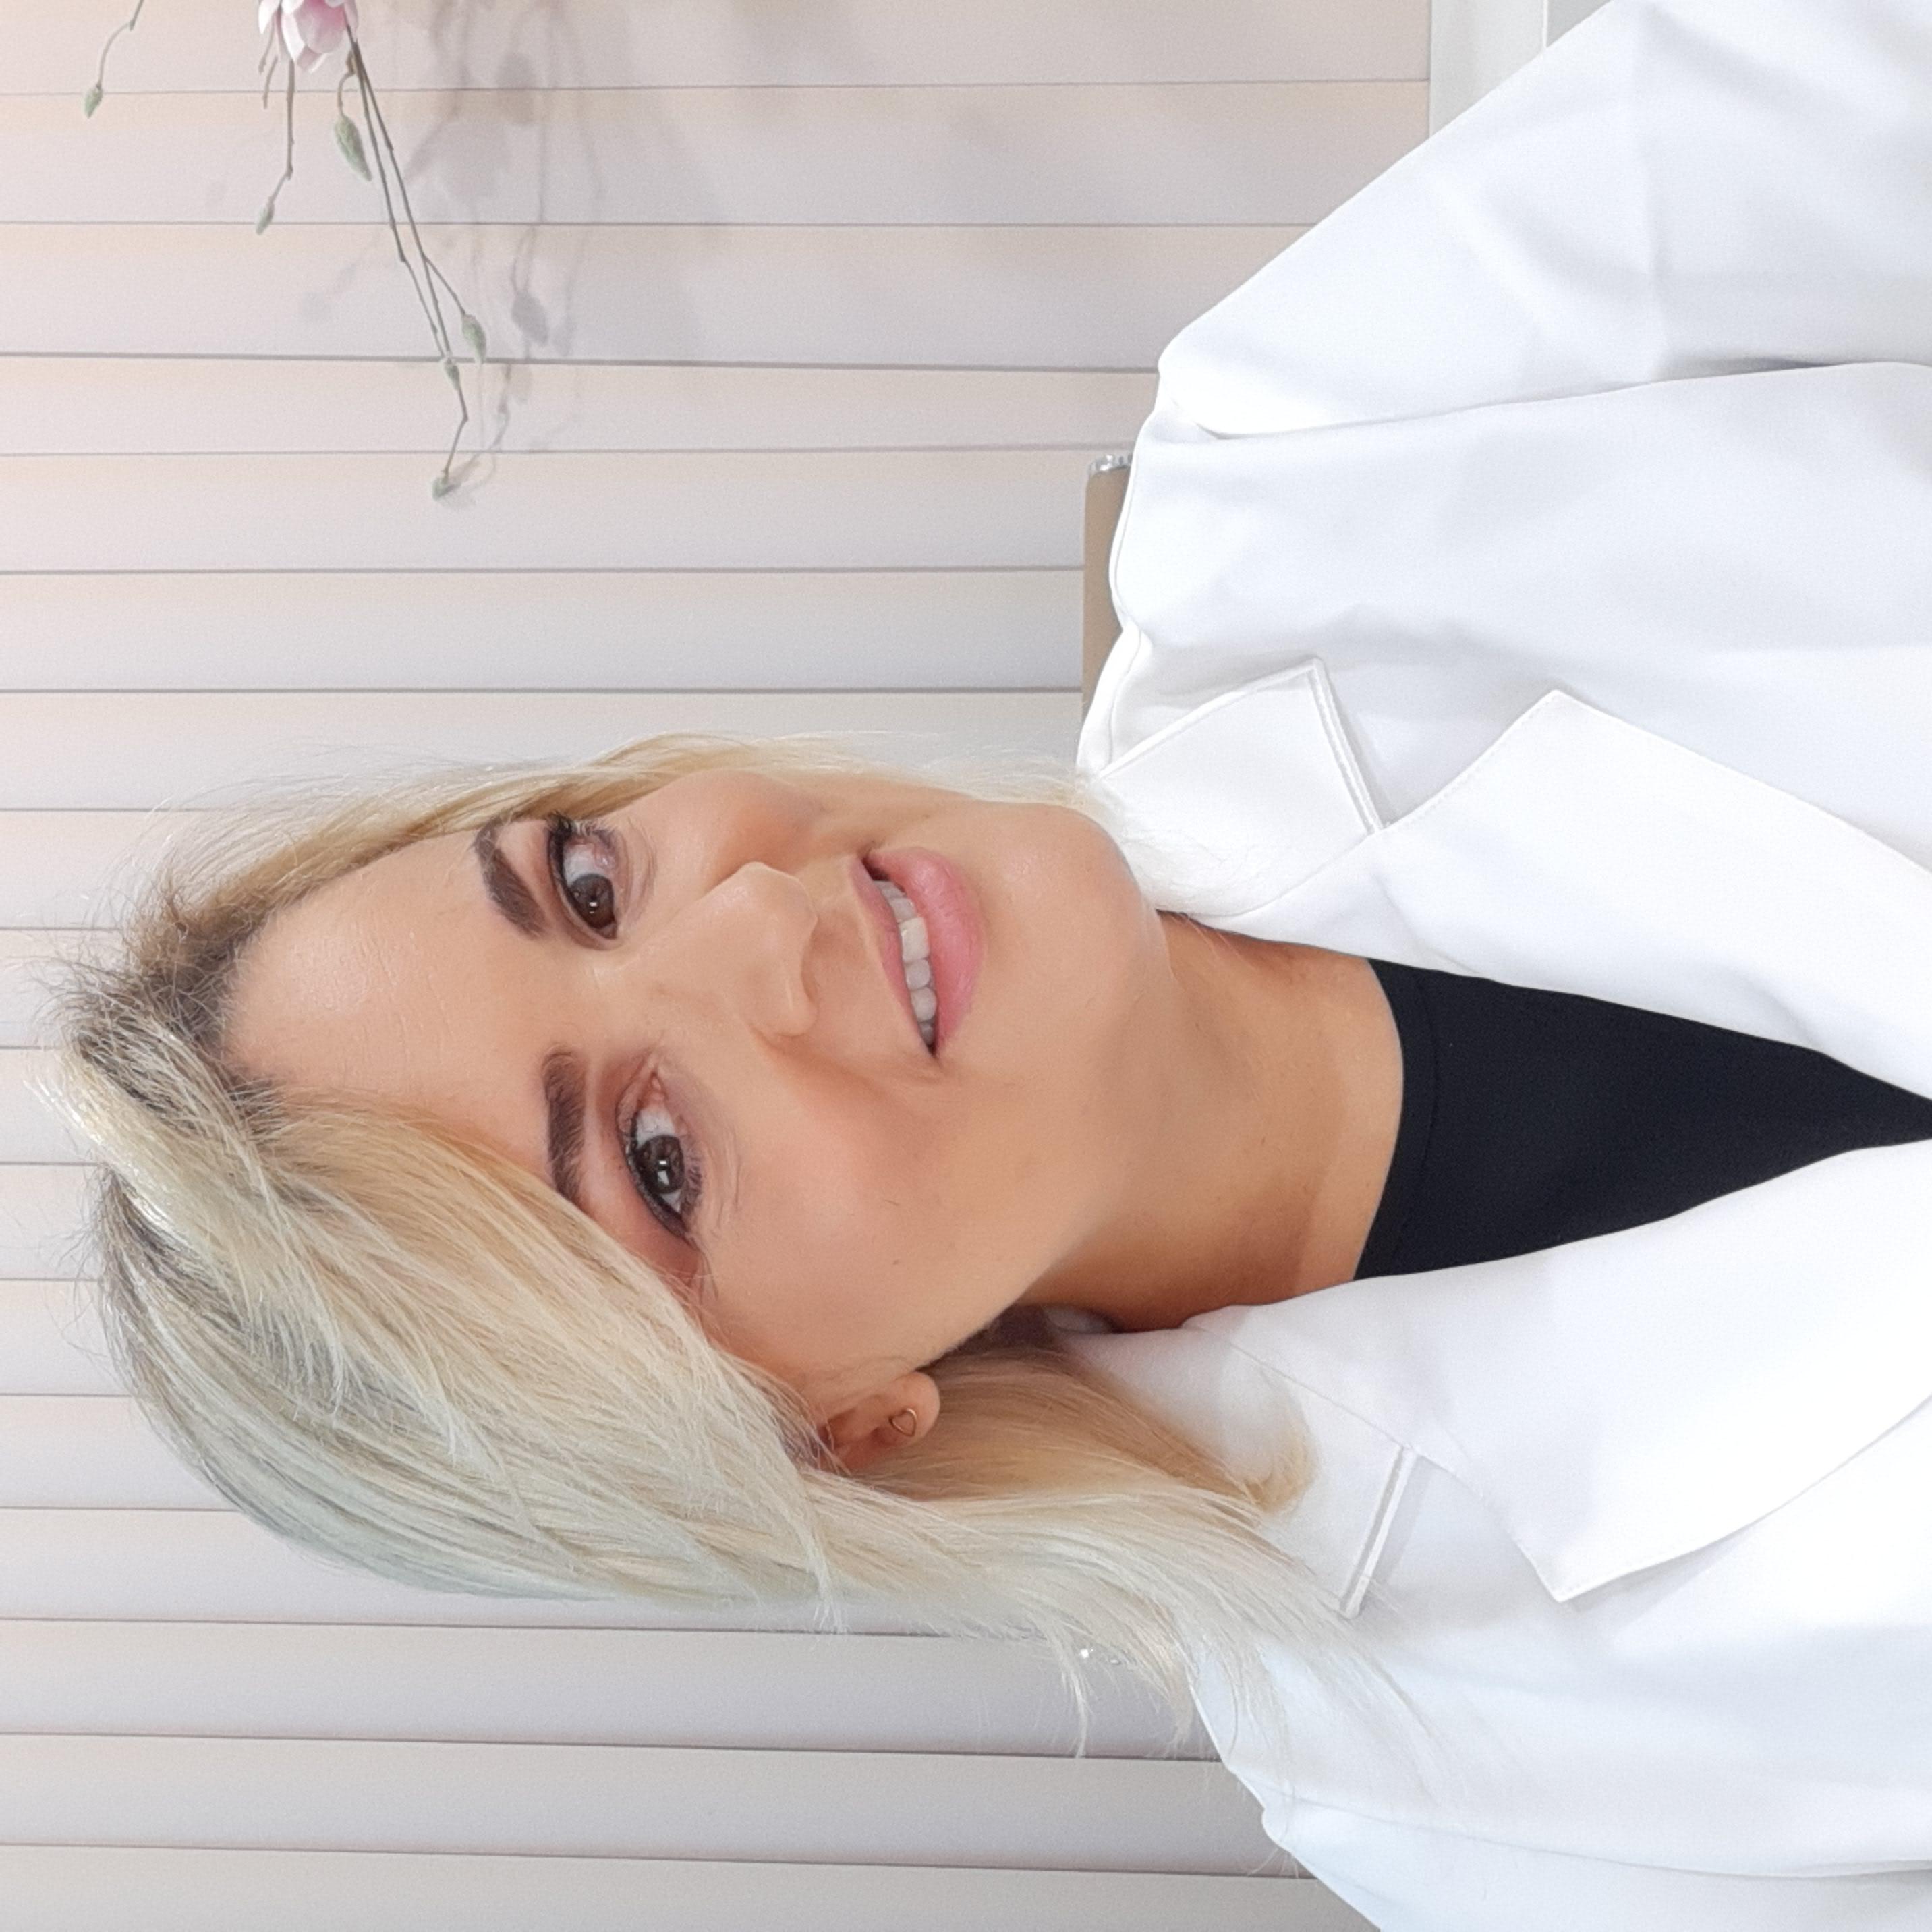 Ana Patricia Nunes de Oliveira